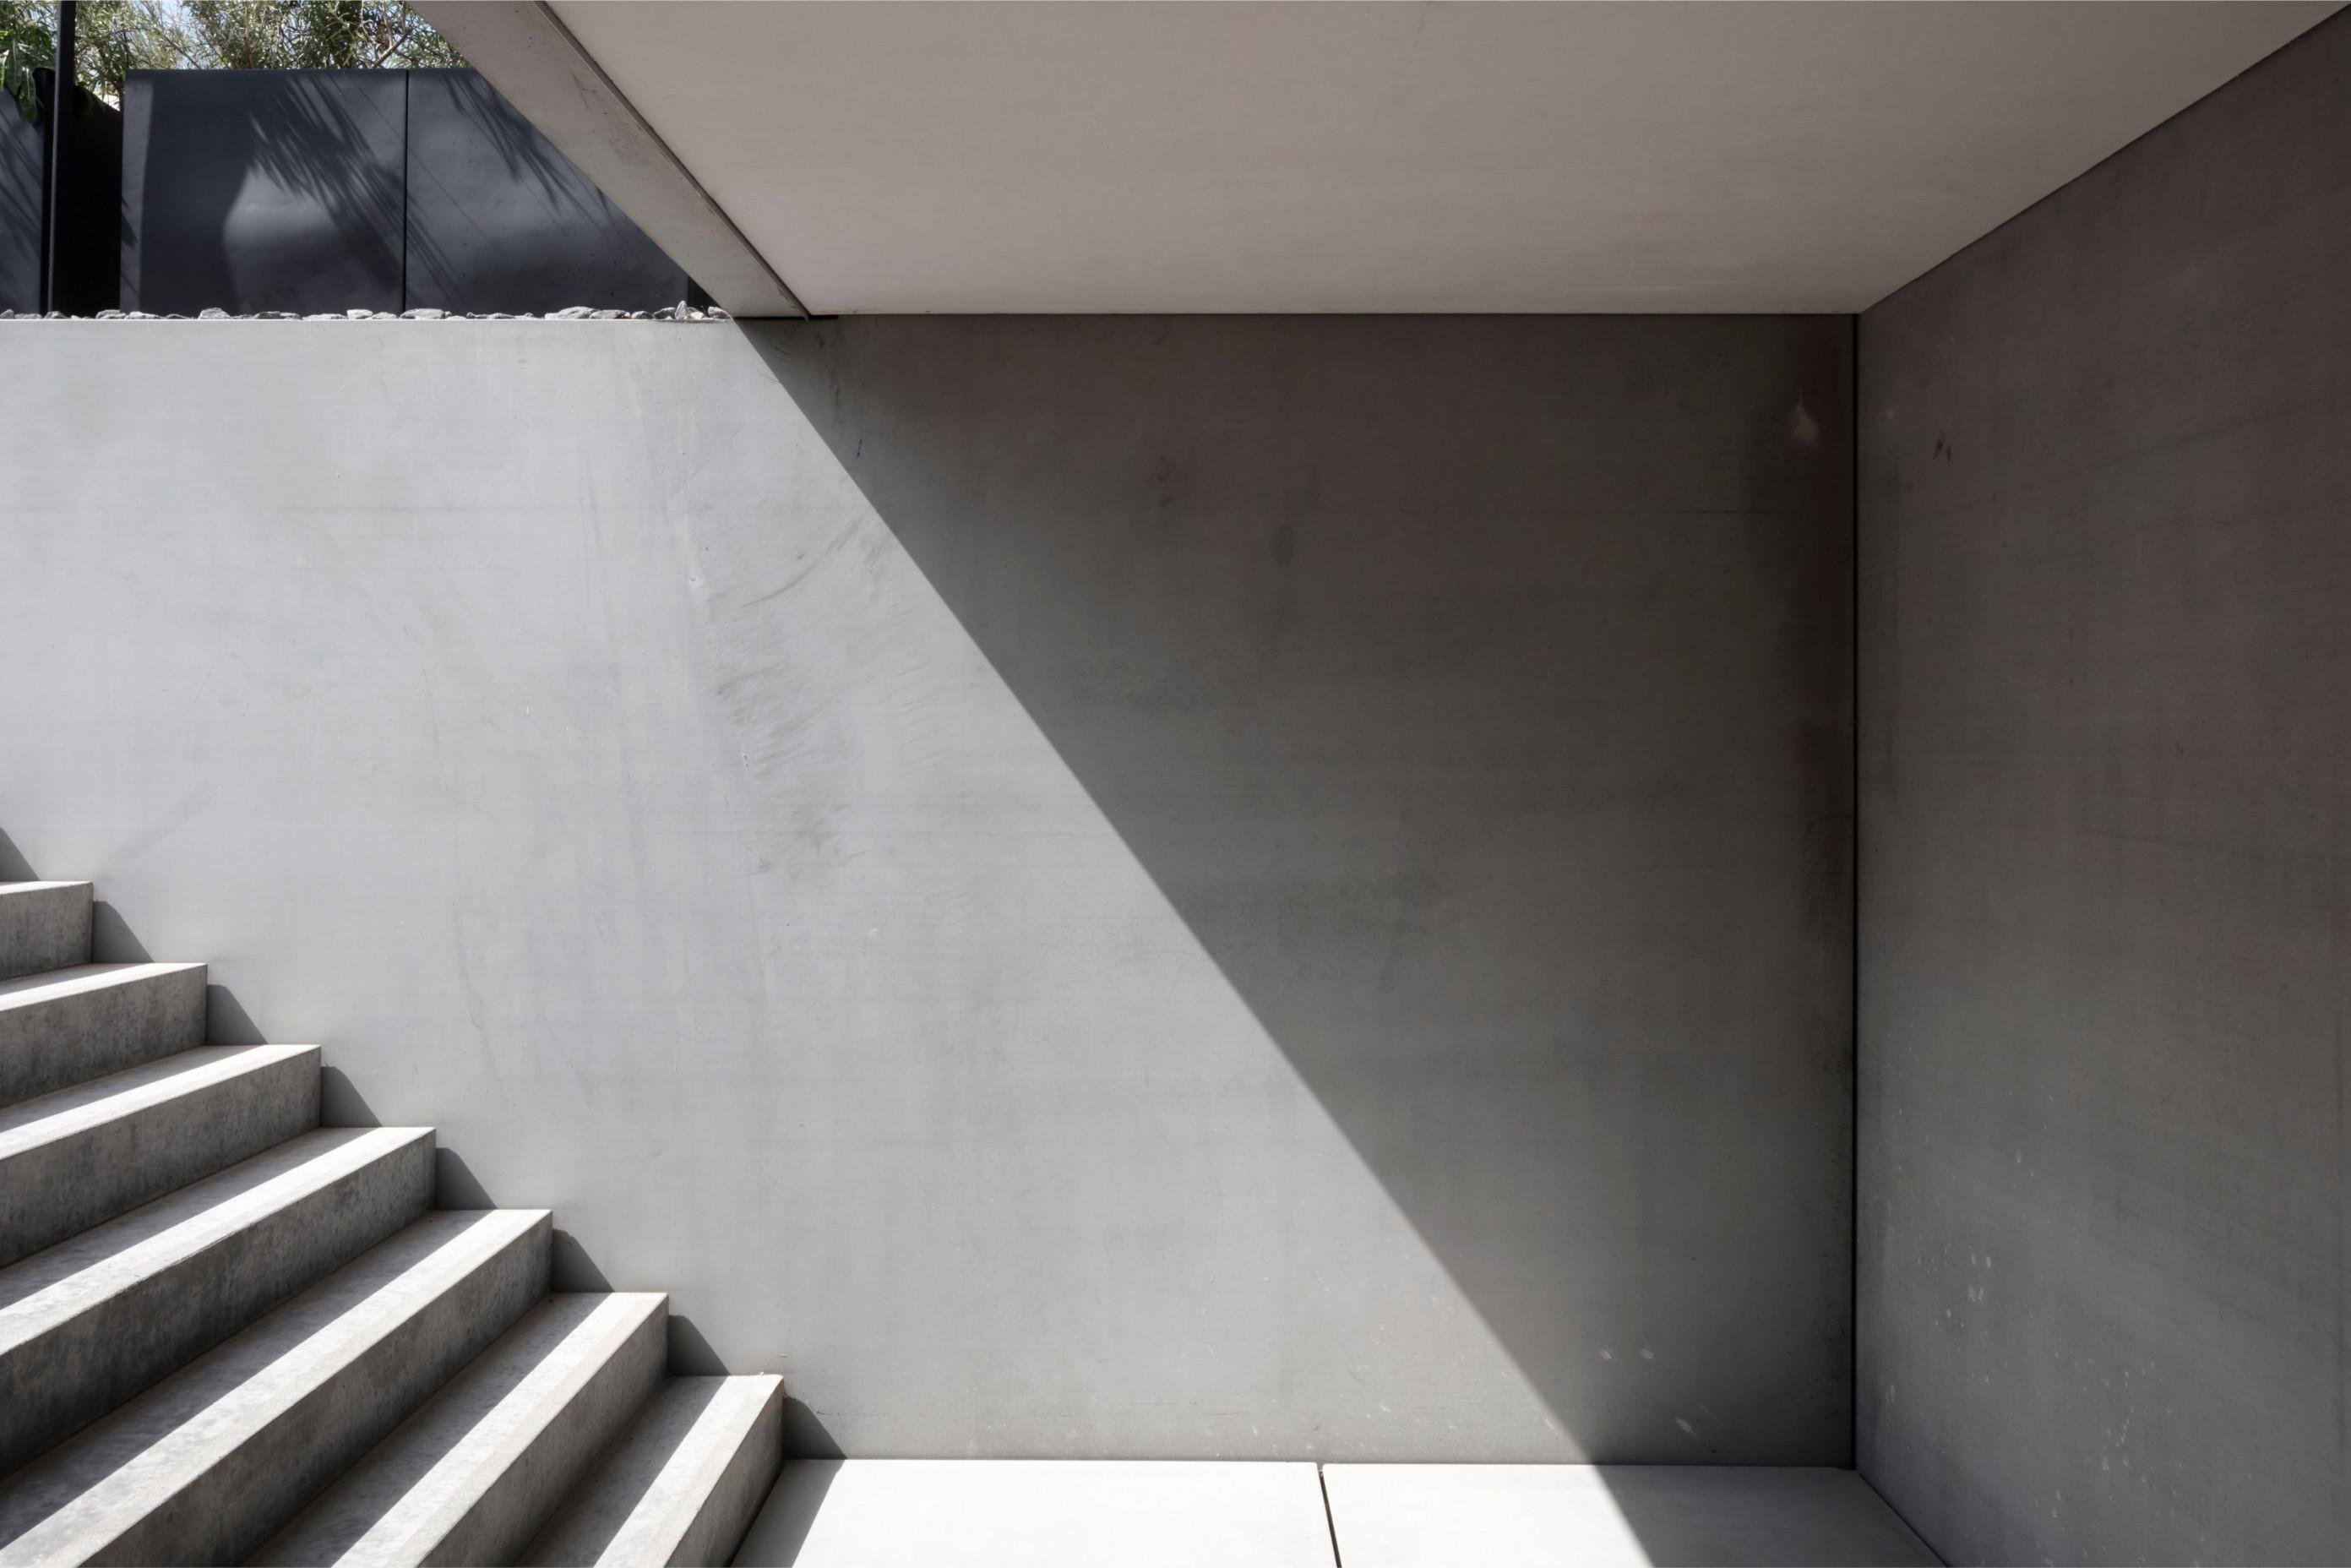 Hans Wegner - Rietveldprojects - Koksijde - Tvdv29